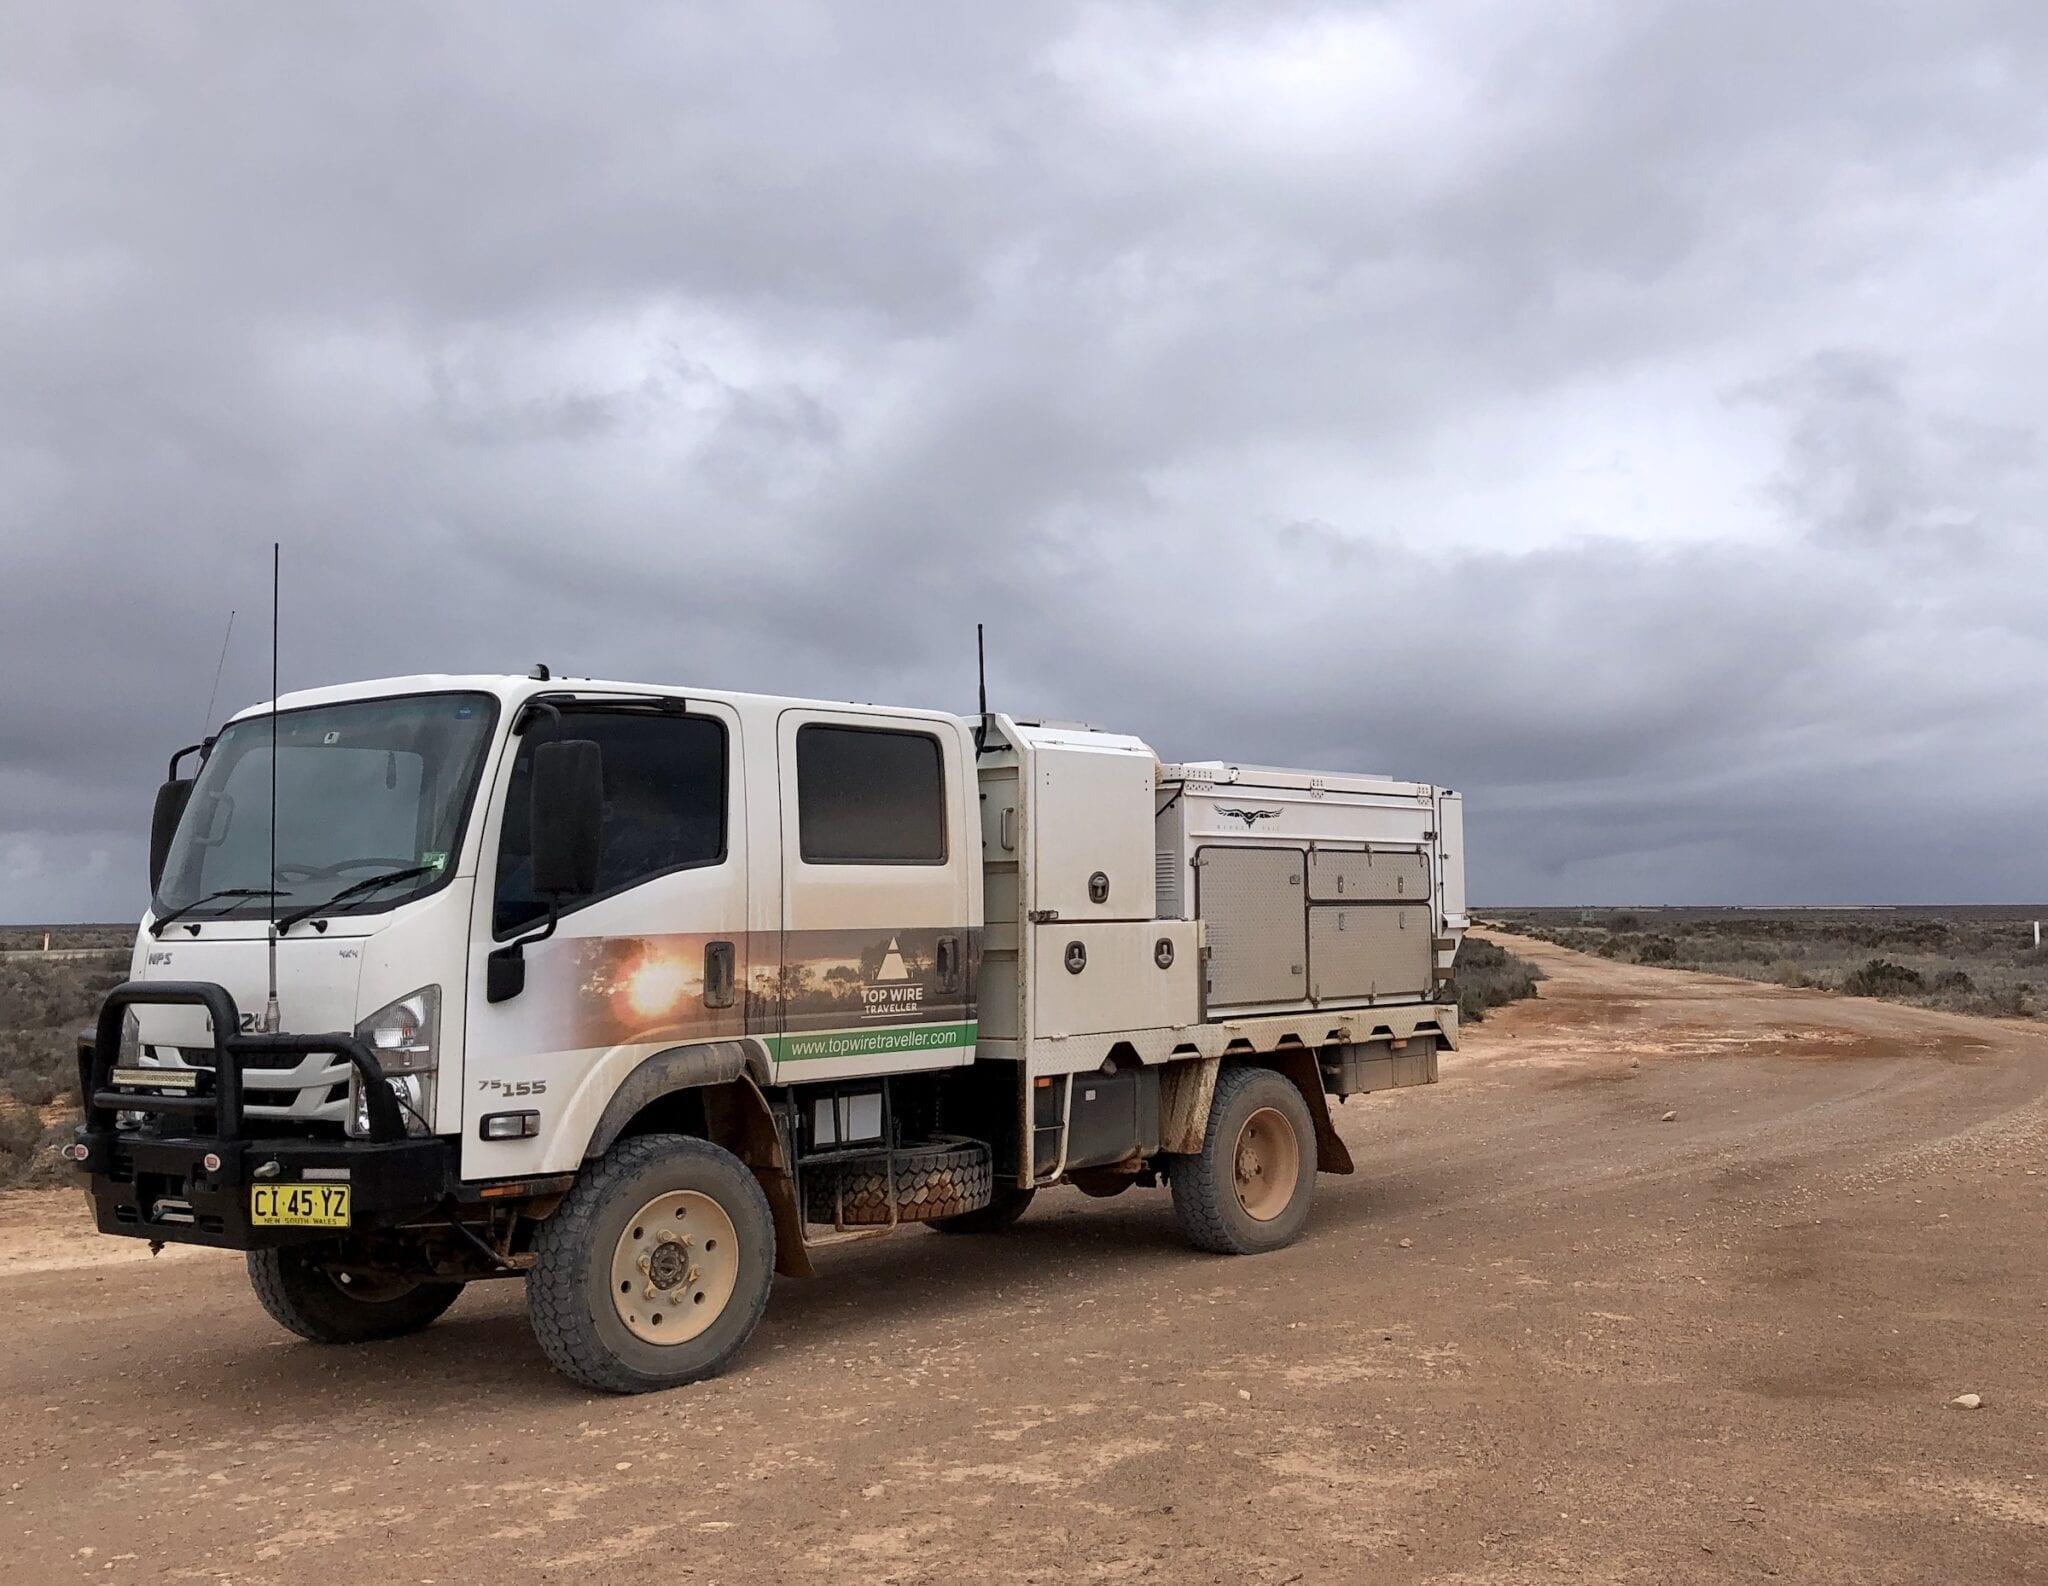 Review: Isuzu 4×4 Truck from All Terrain Warriors, Year 4